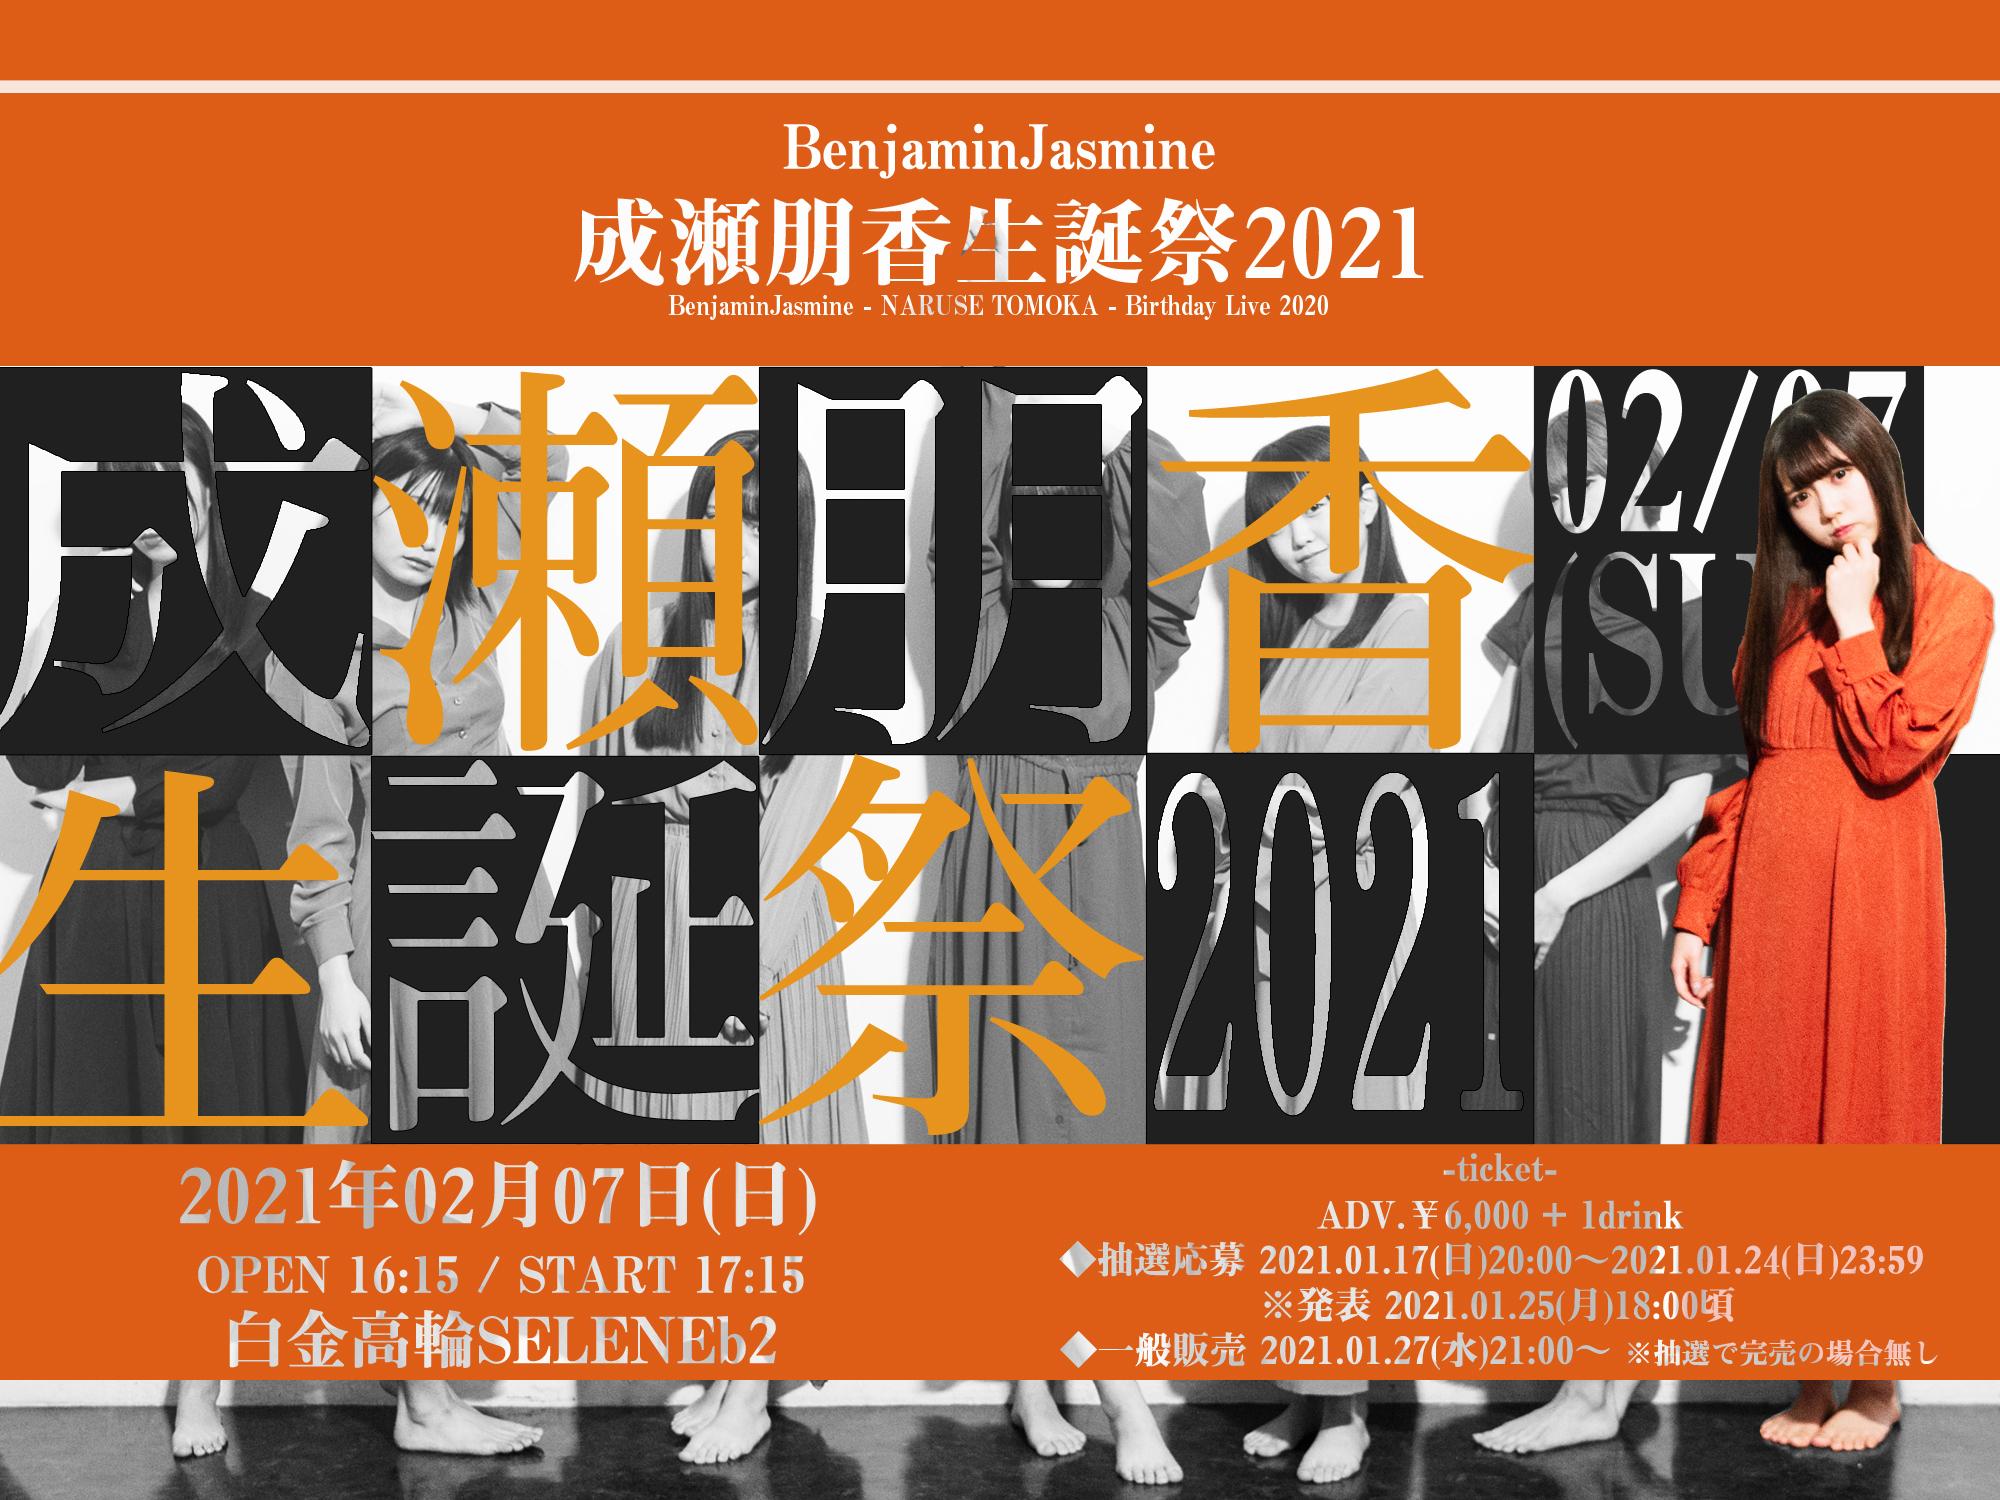 2月7日(日)『BenjaminJasmine 成瀬朋香生誕祭2020』